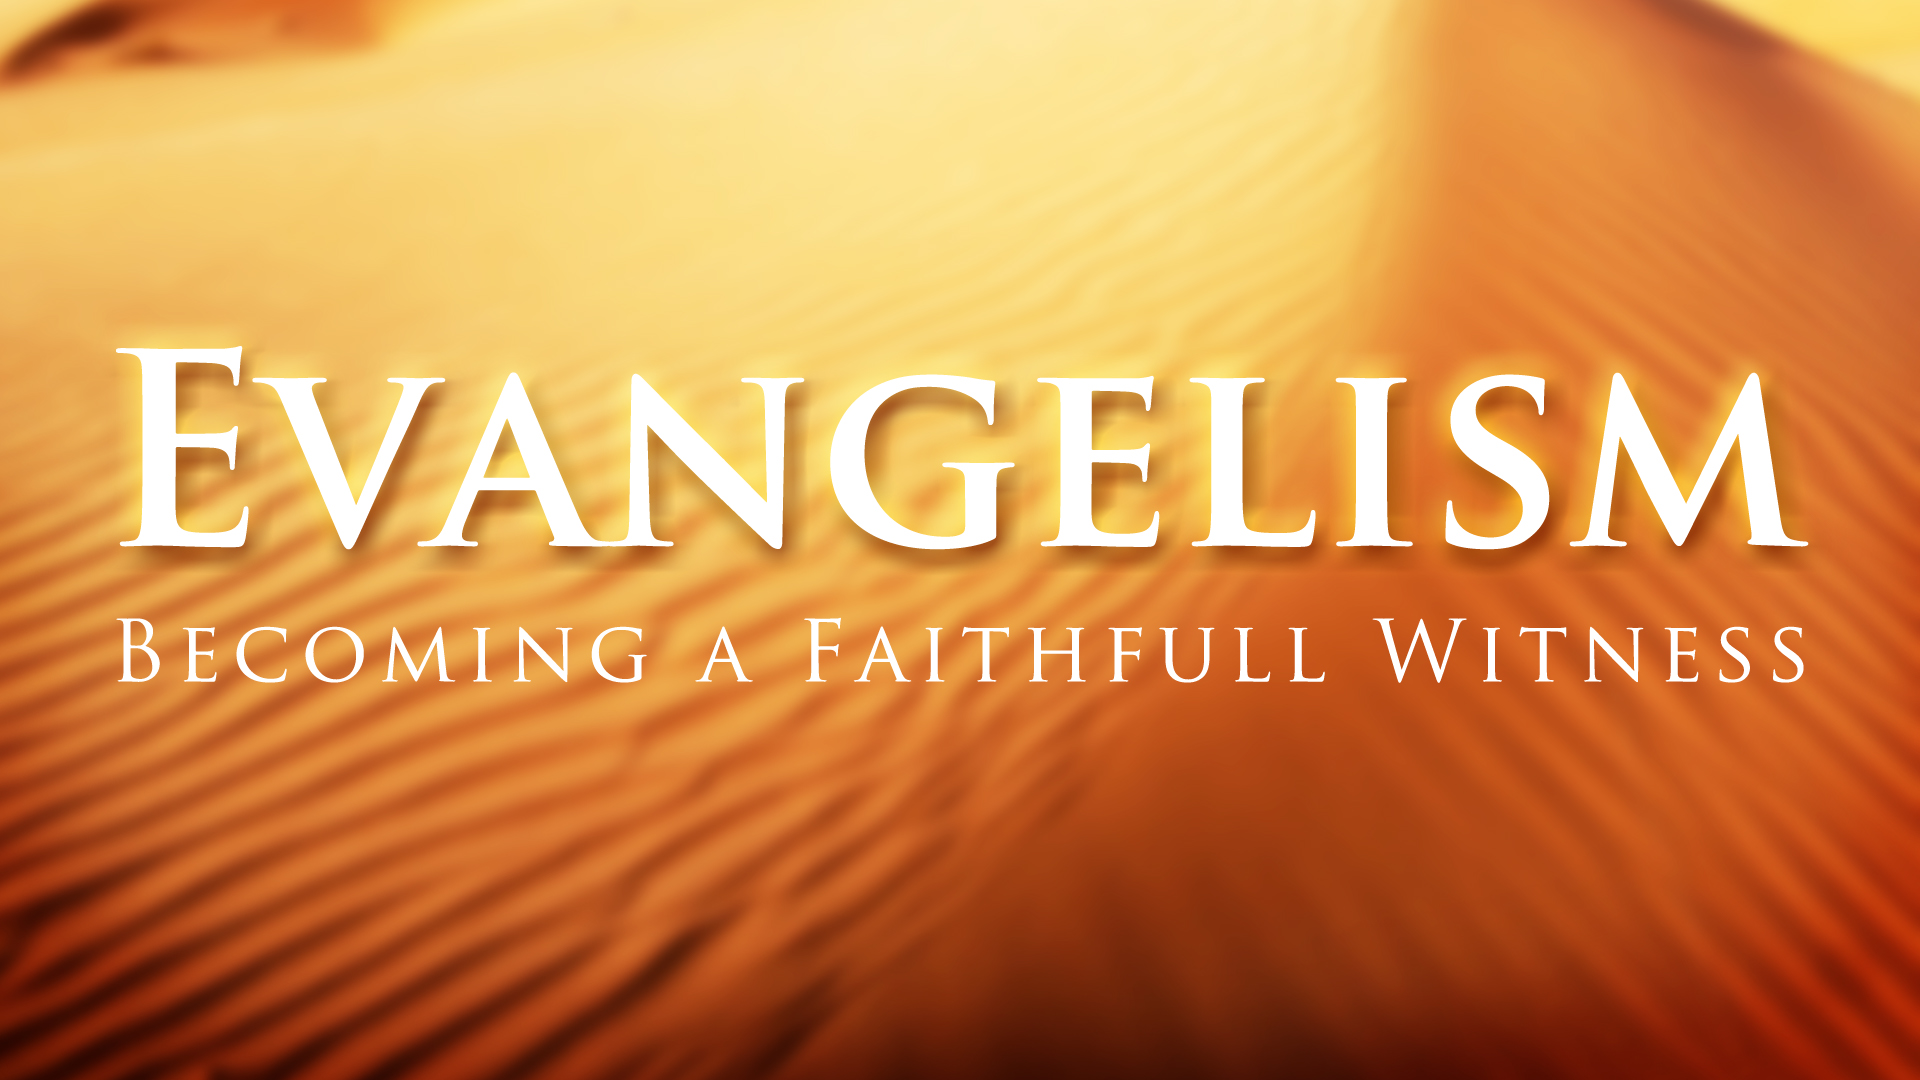 Evangelism1.jpg